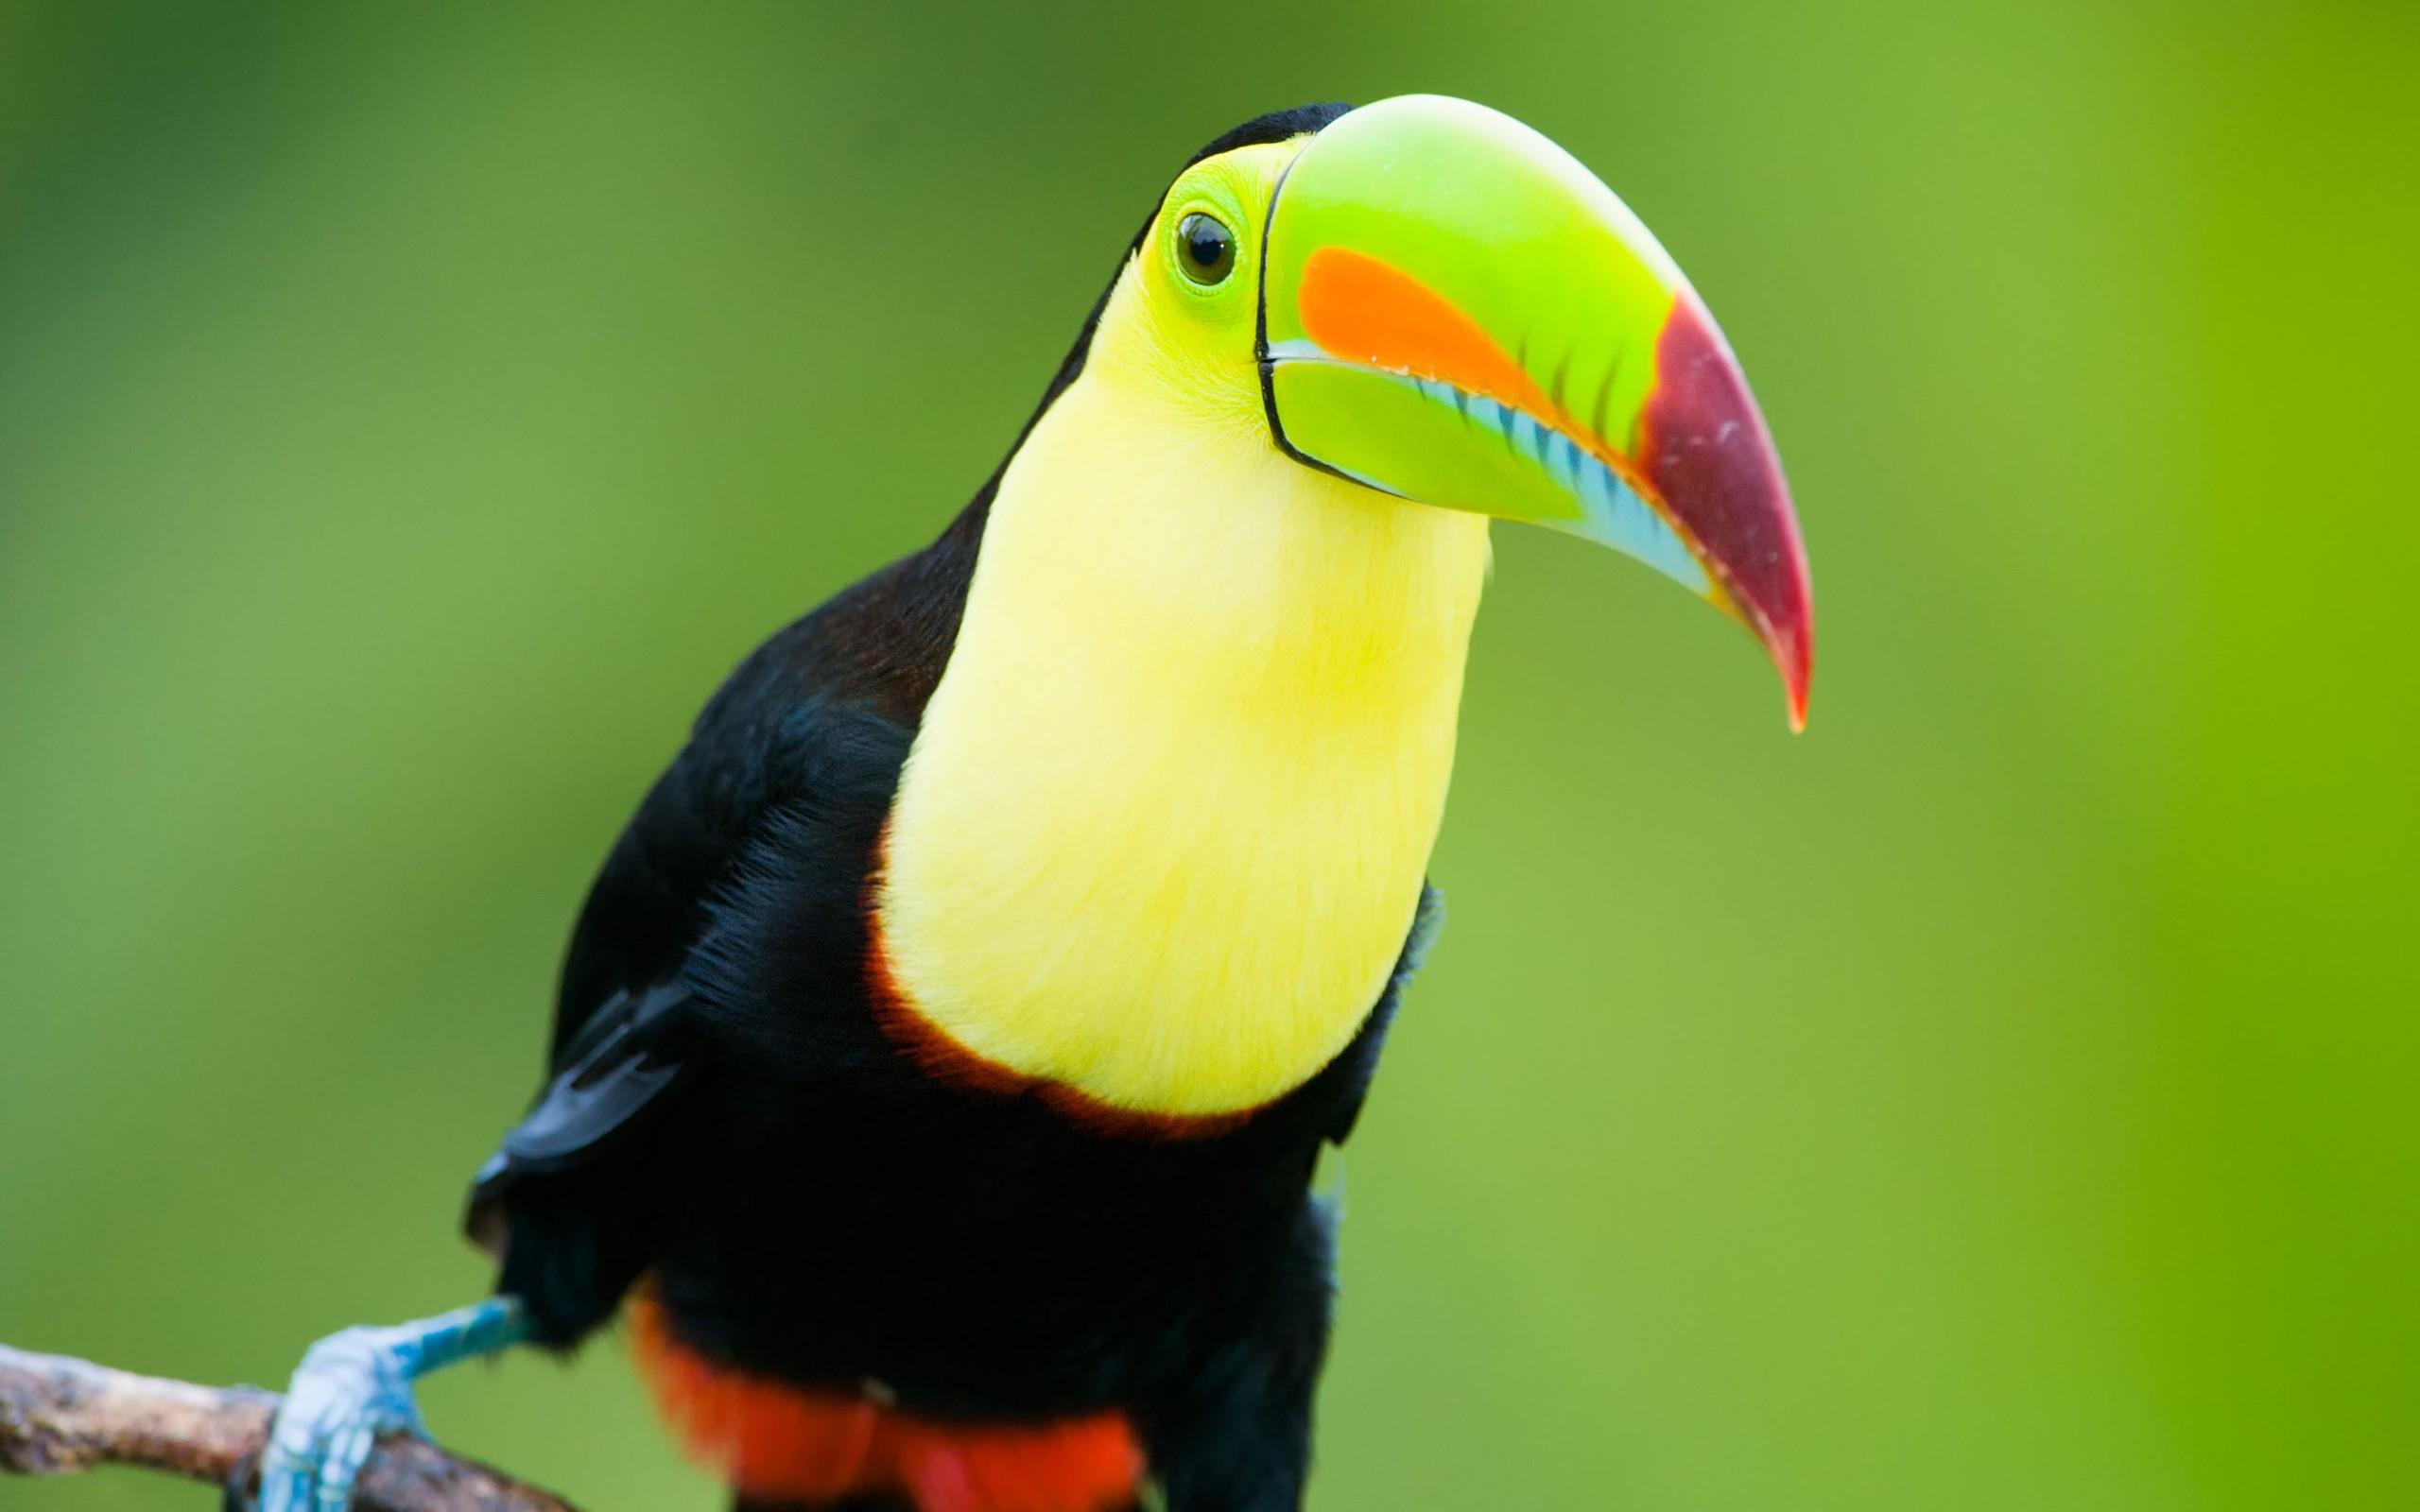 toucan bird close up wallpaper 46007